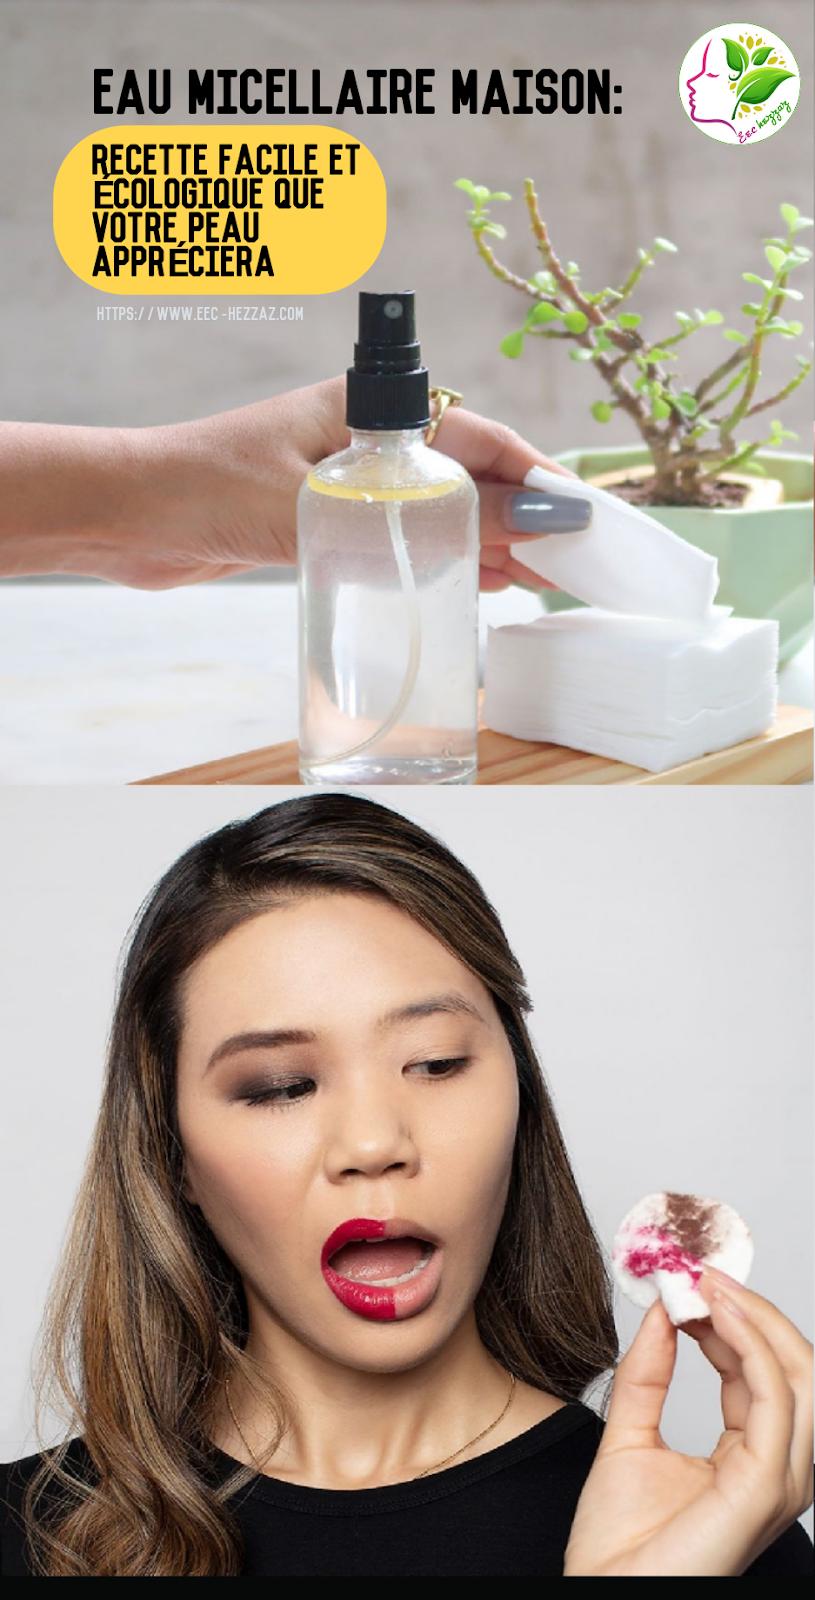 Eau micellaire maison: recette facile et écologique que votre peau appréciera